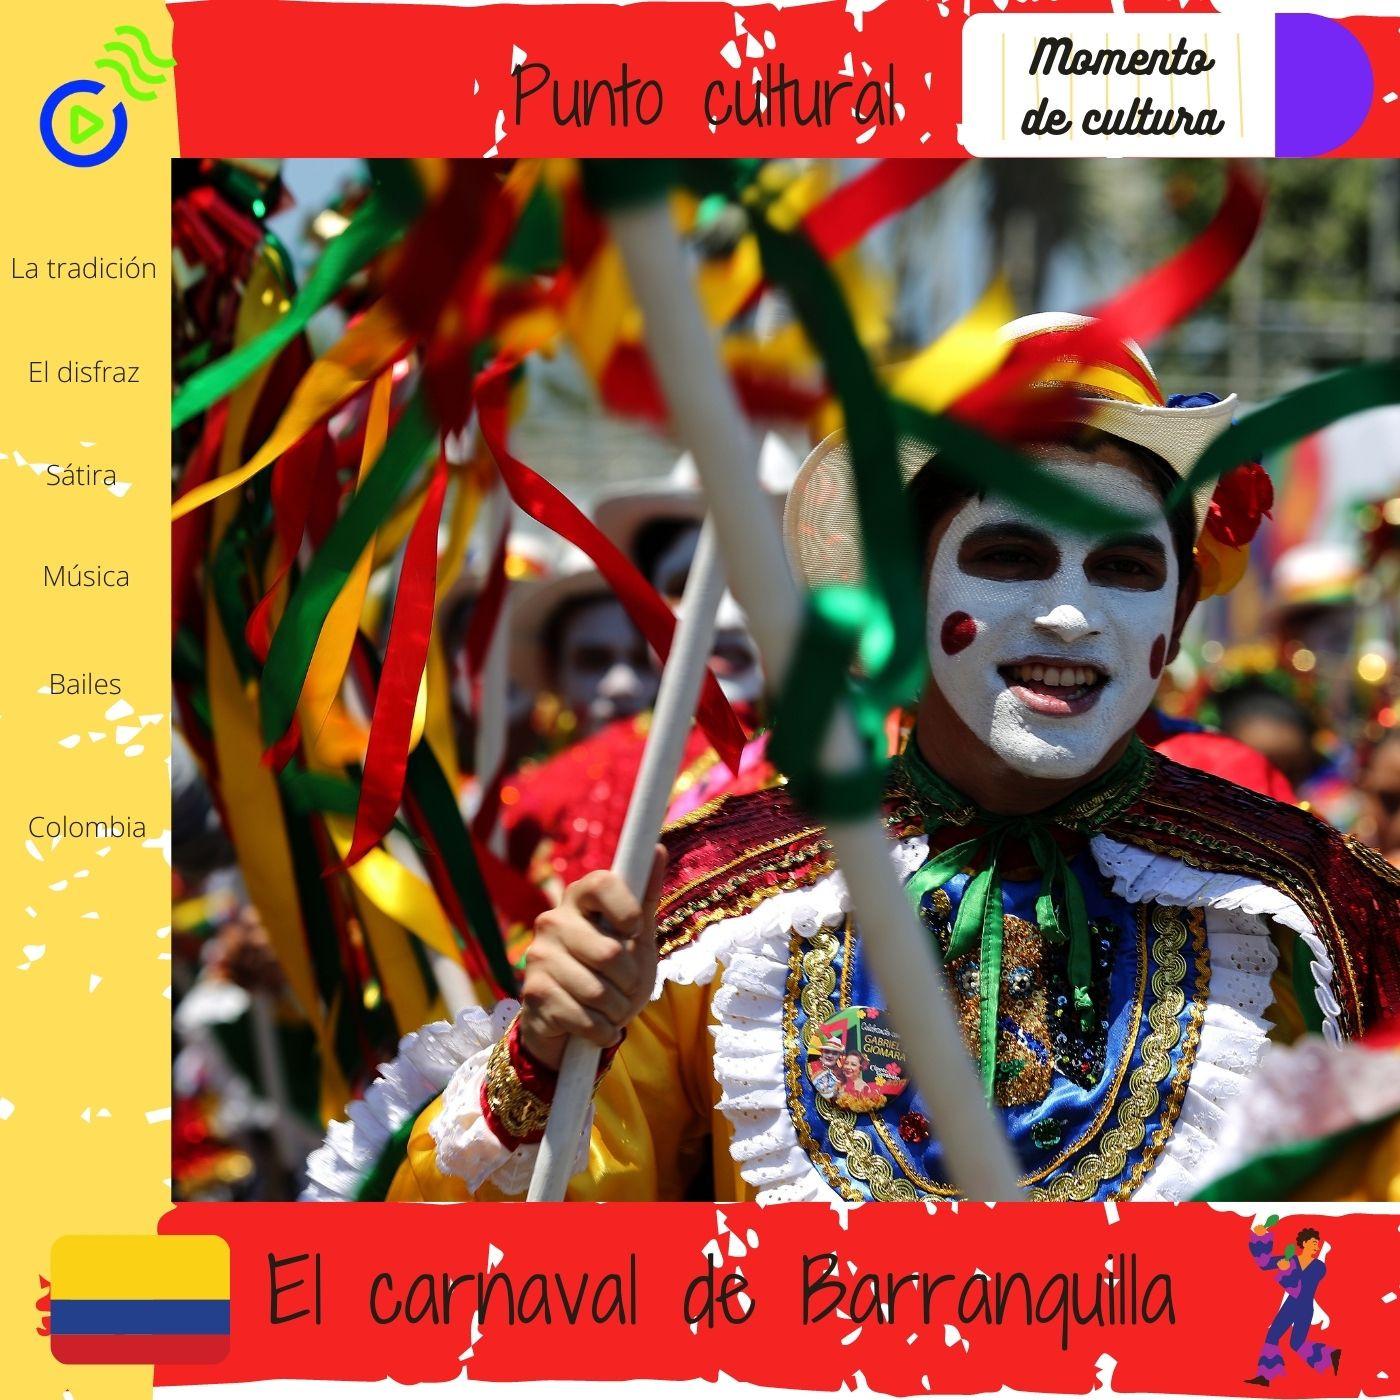 El carnaval de Barranquilla en Colombia